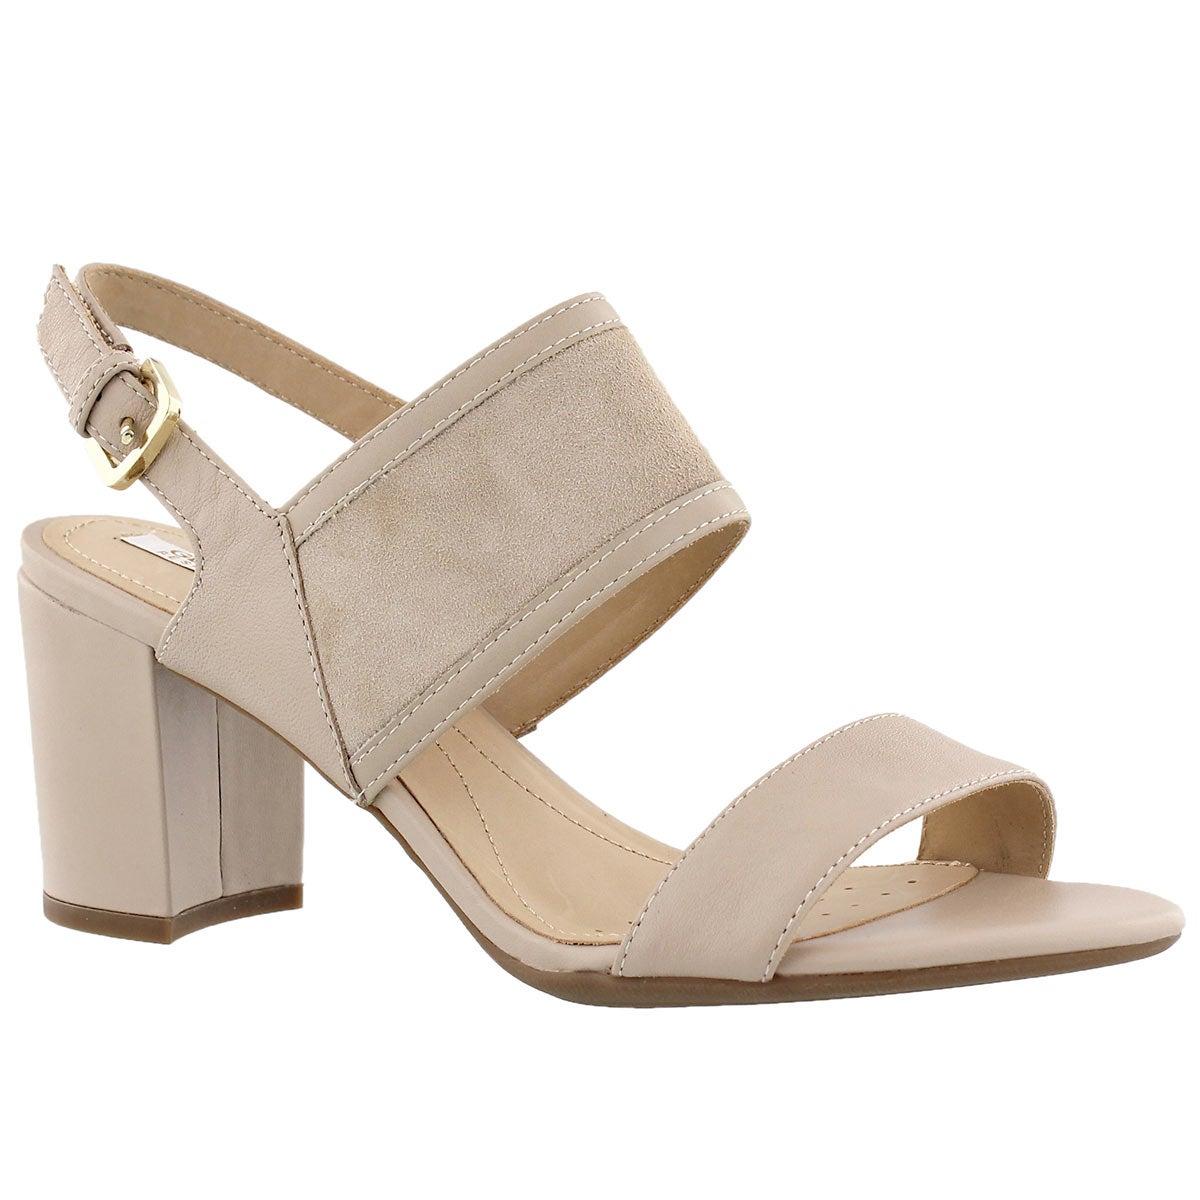 Women's NESA B light taupe dress sandals